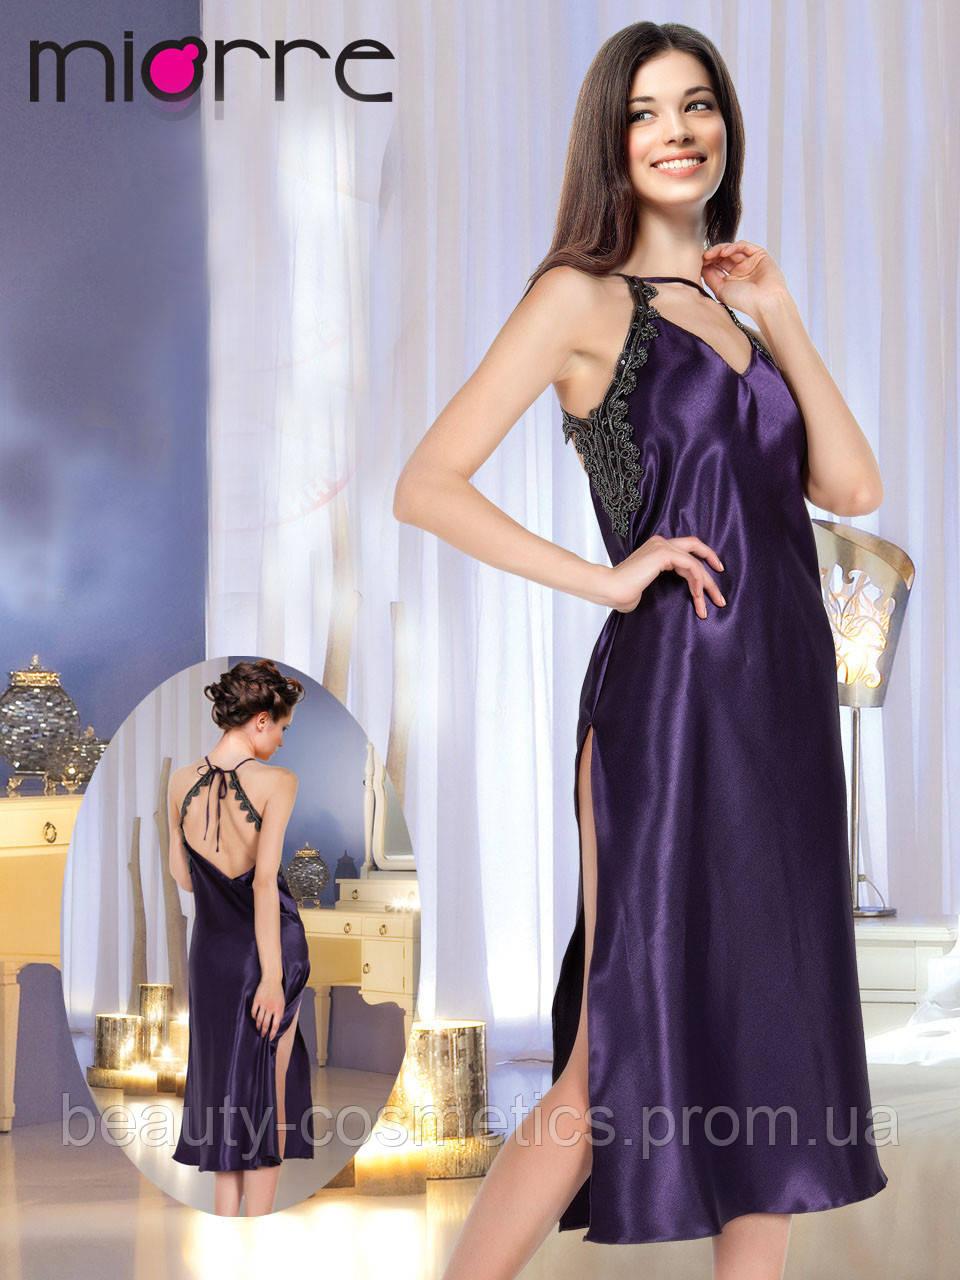 4842500ef4fe1d2 Роскошная длинная ночная сорочка Miorre открытая спина - Beauty Cosmetics в  Виннице